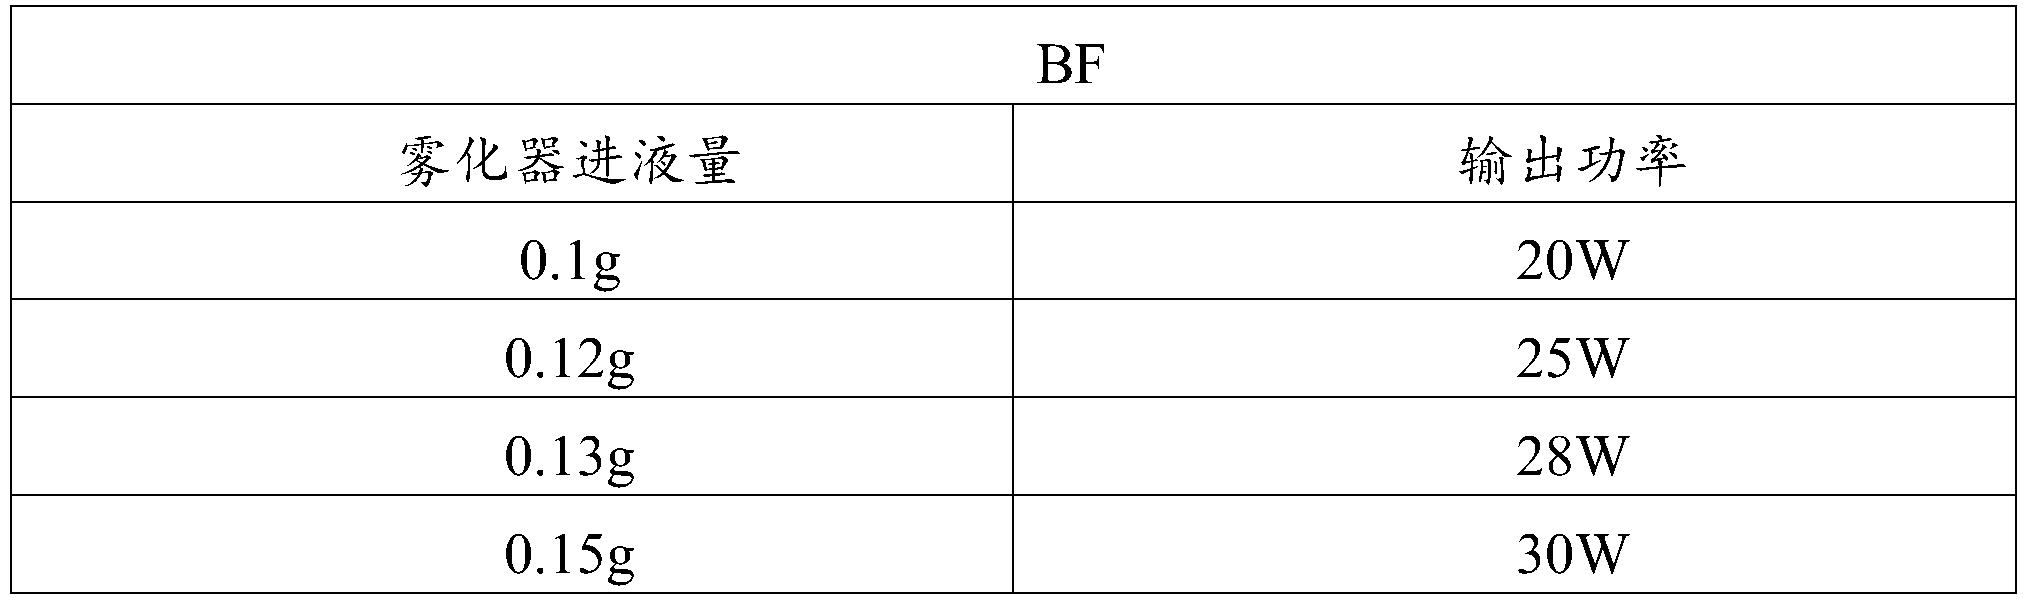 Figure PCTCN2018098448-appb-000003